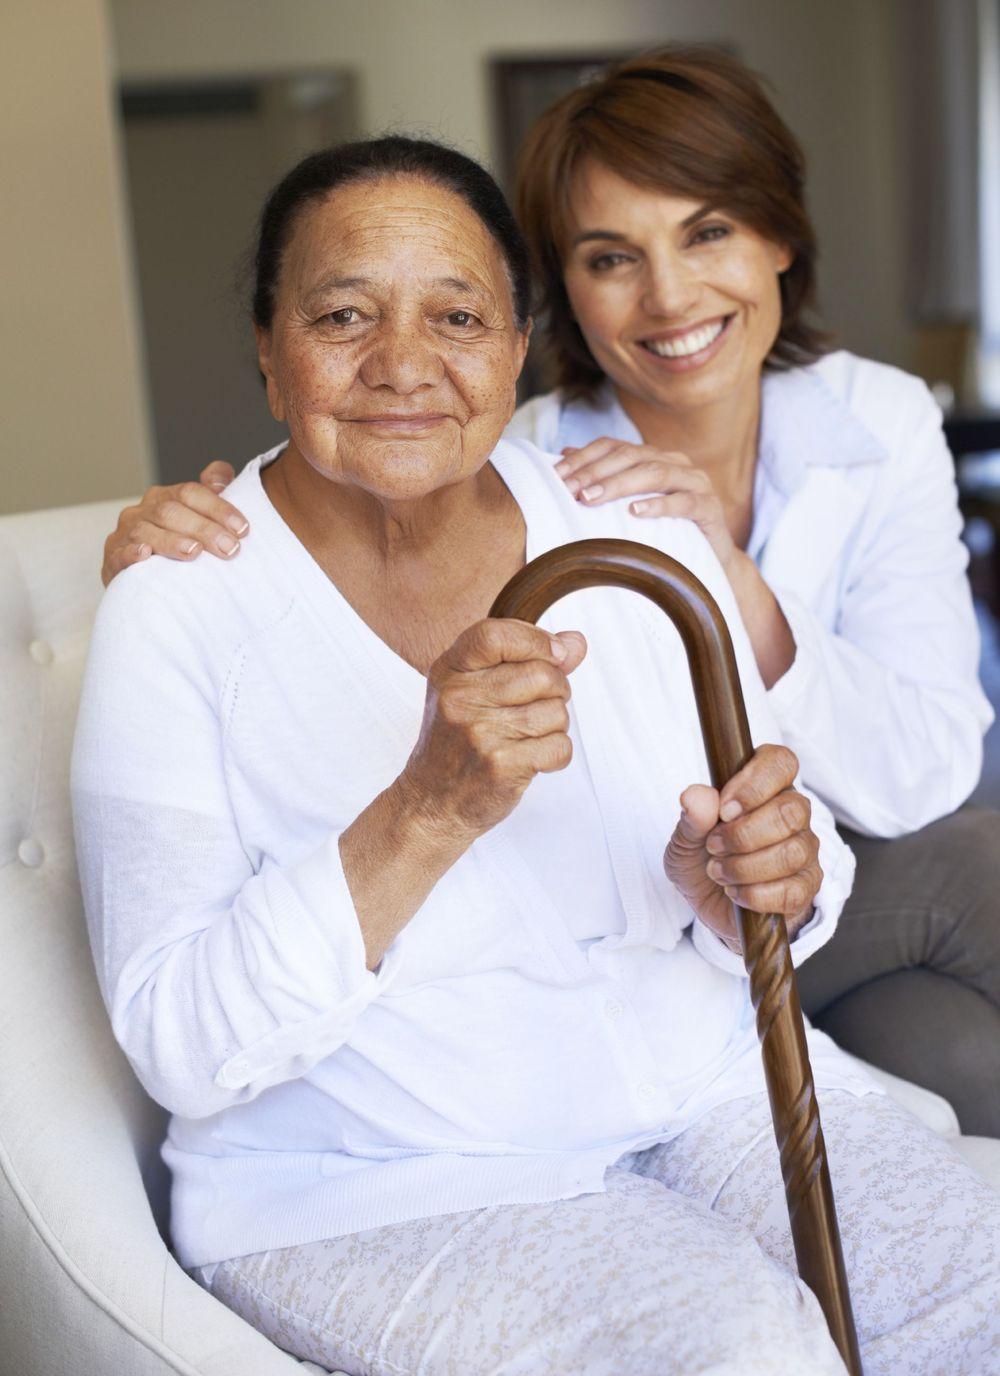 elder and caregiver